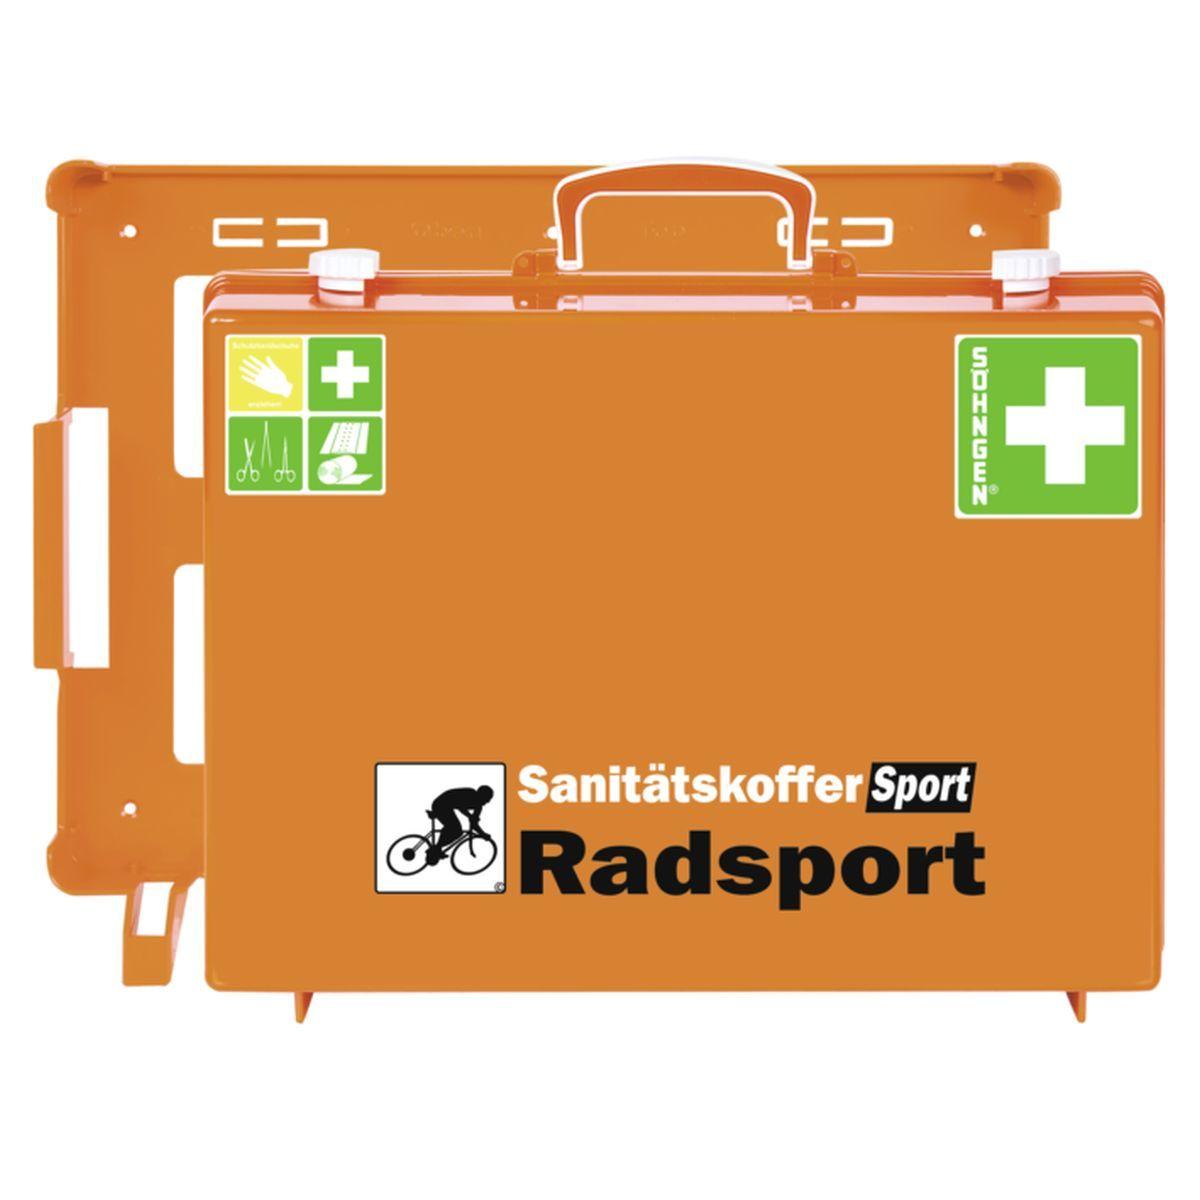 Sanitätskoffer Sport Radsport